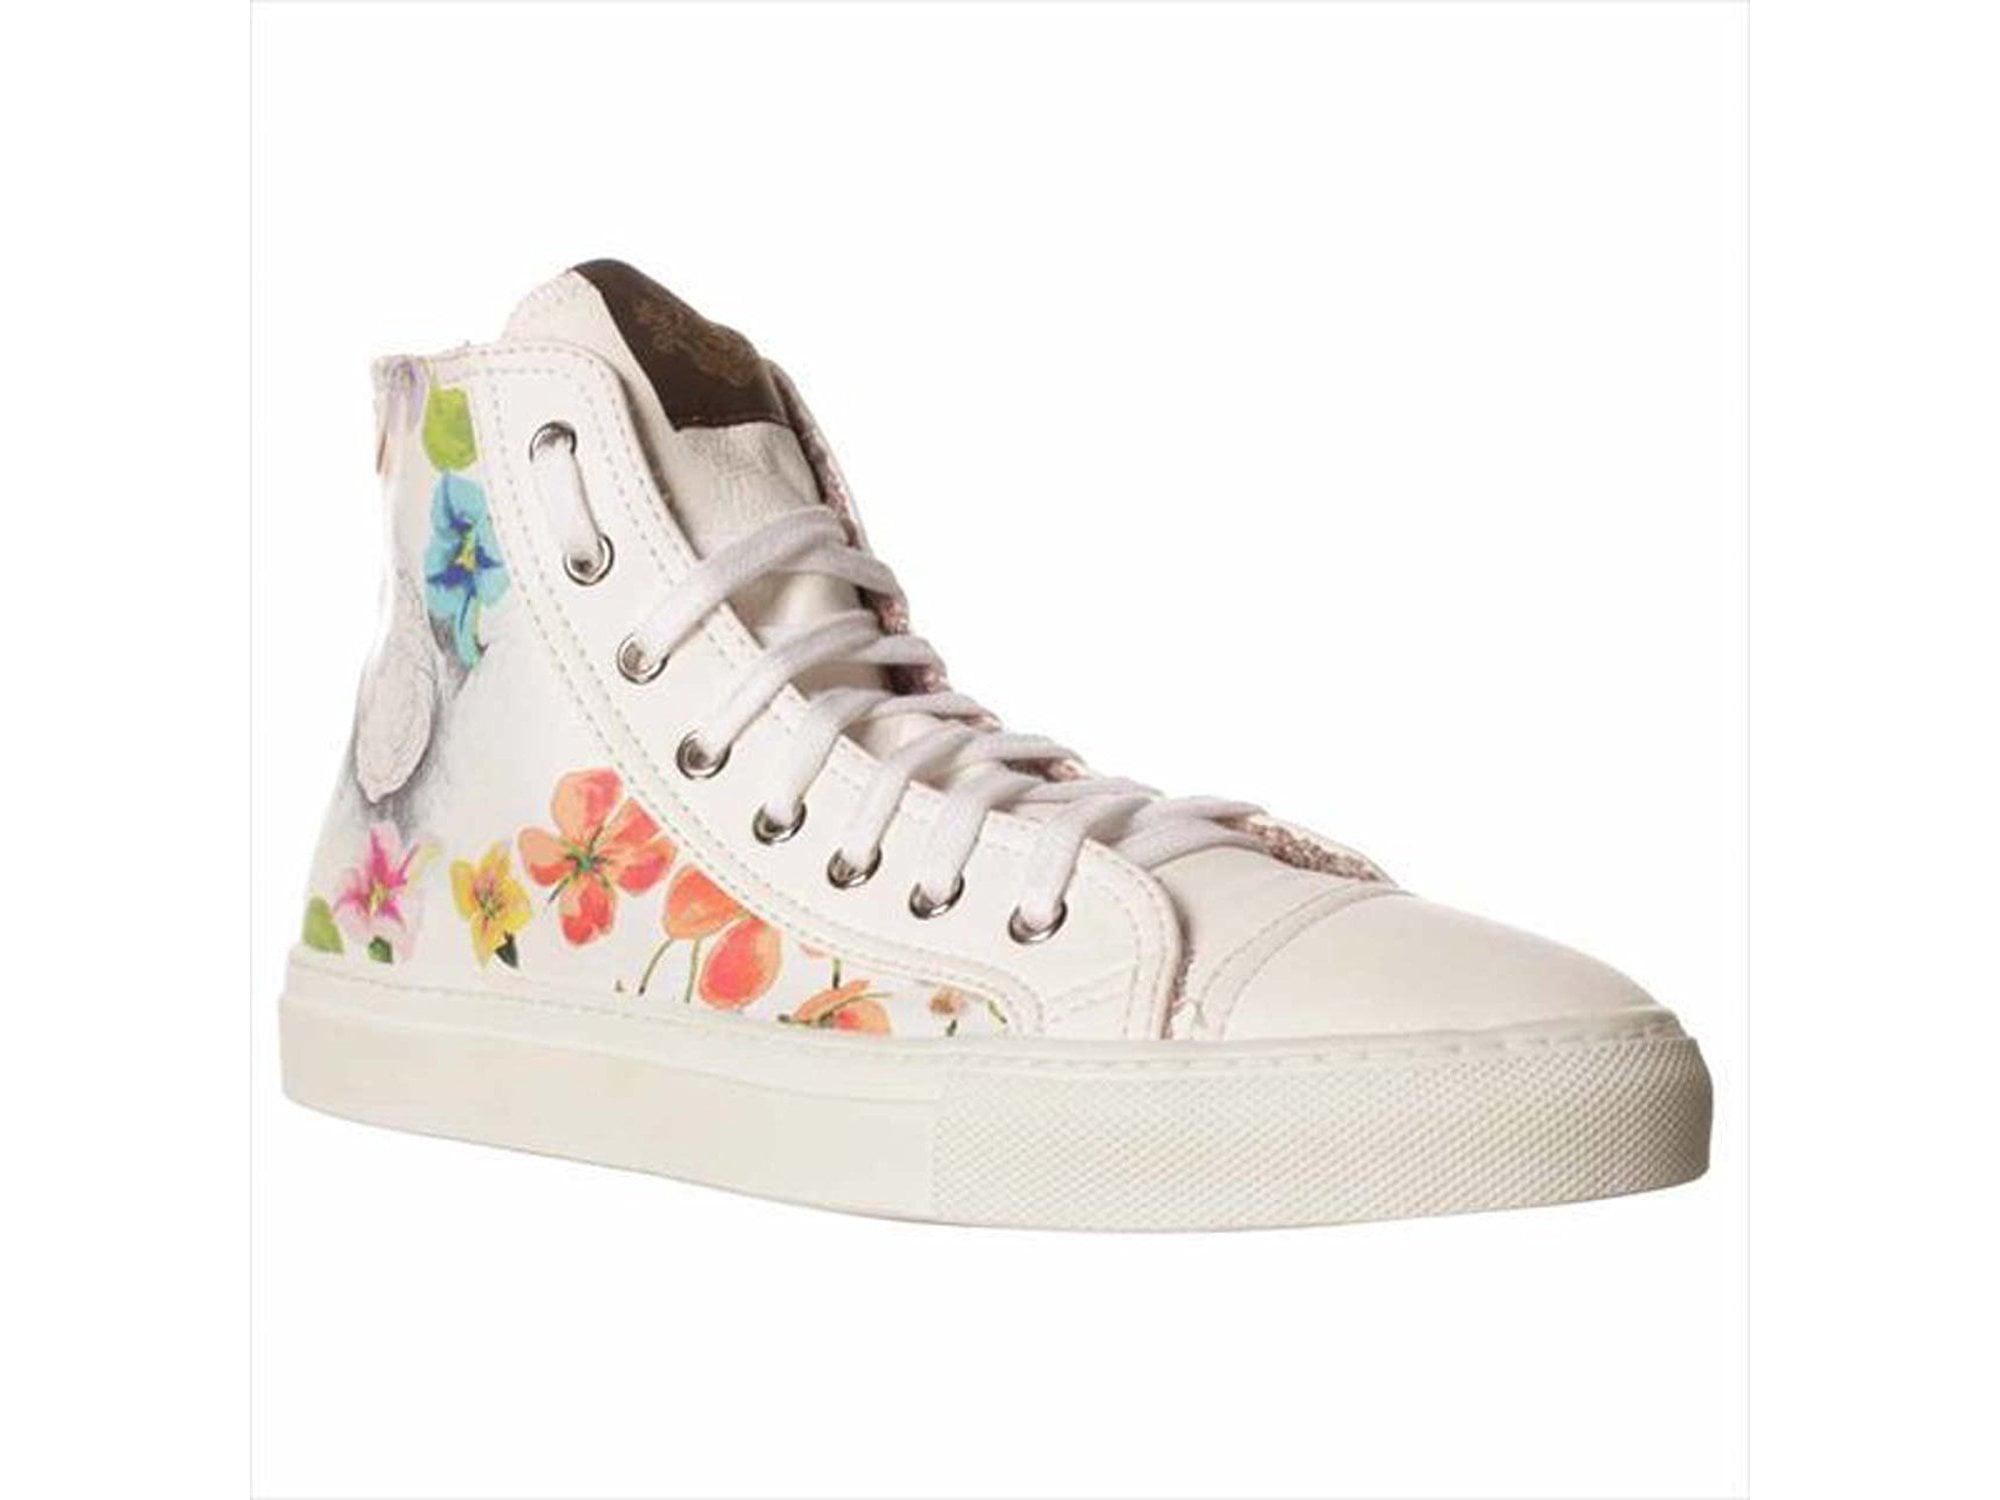 Studswar Sharon High-Top Sneakers - Art Flower, White, Size 7.0